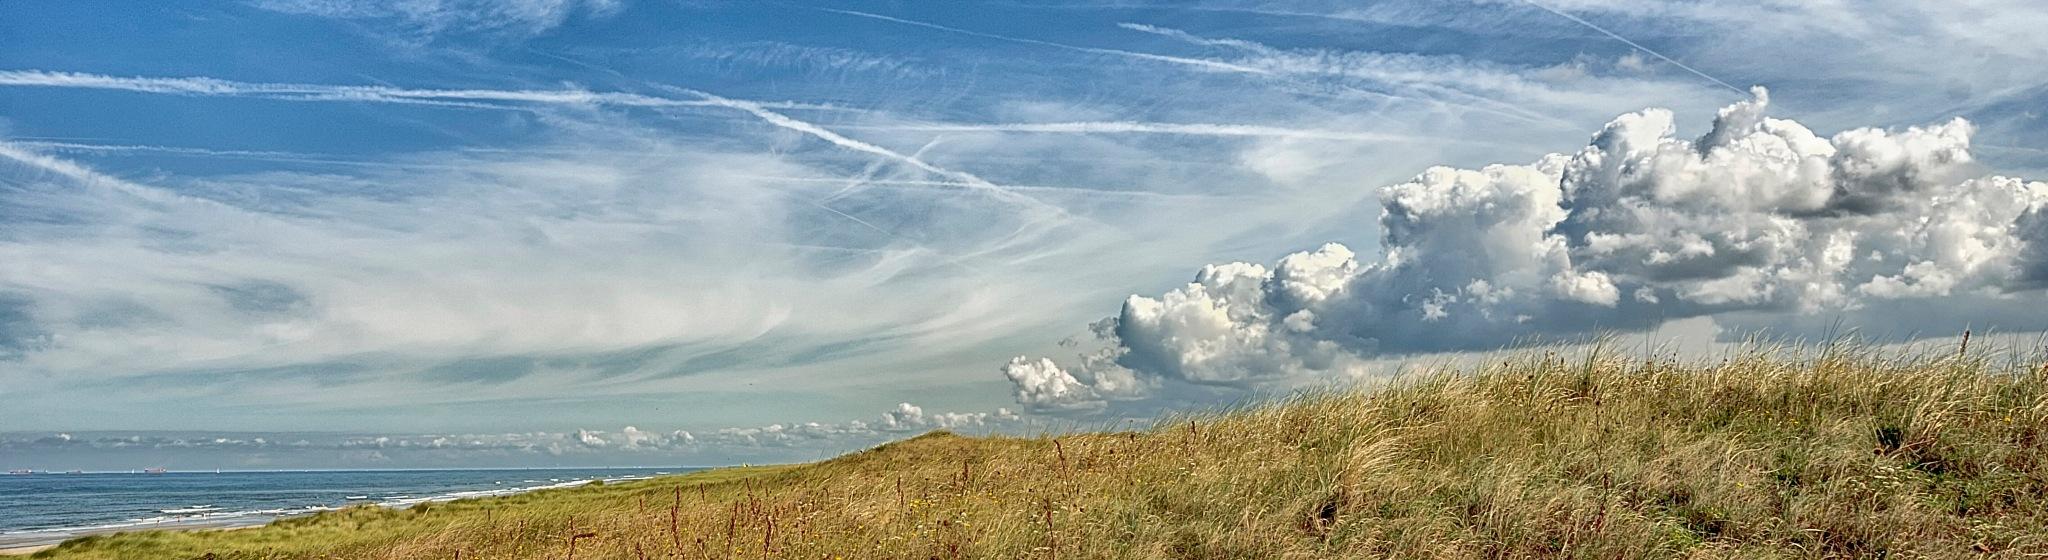 Dune. by Che Ketona